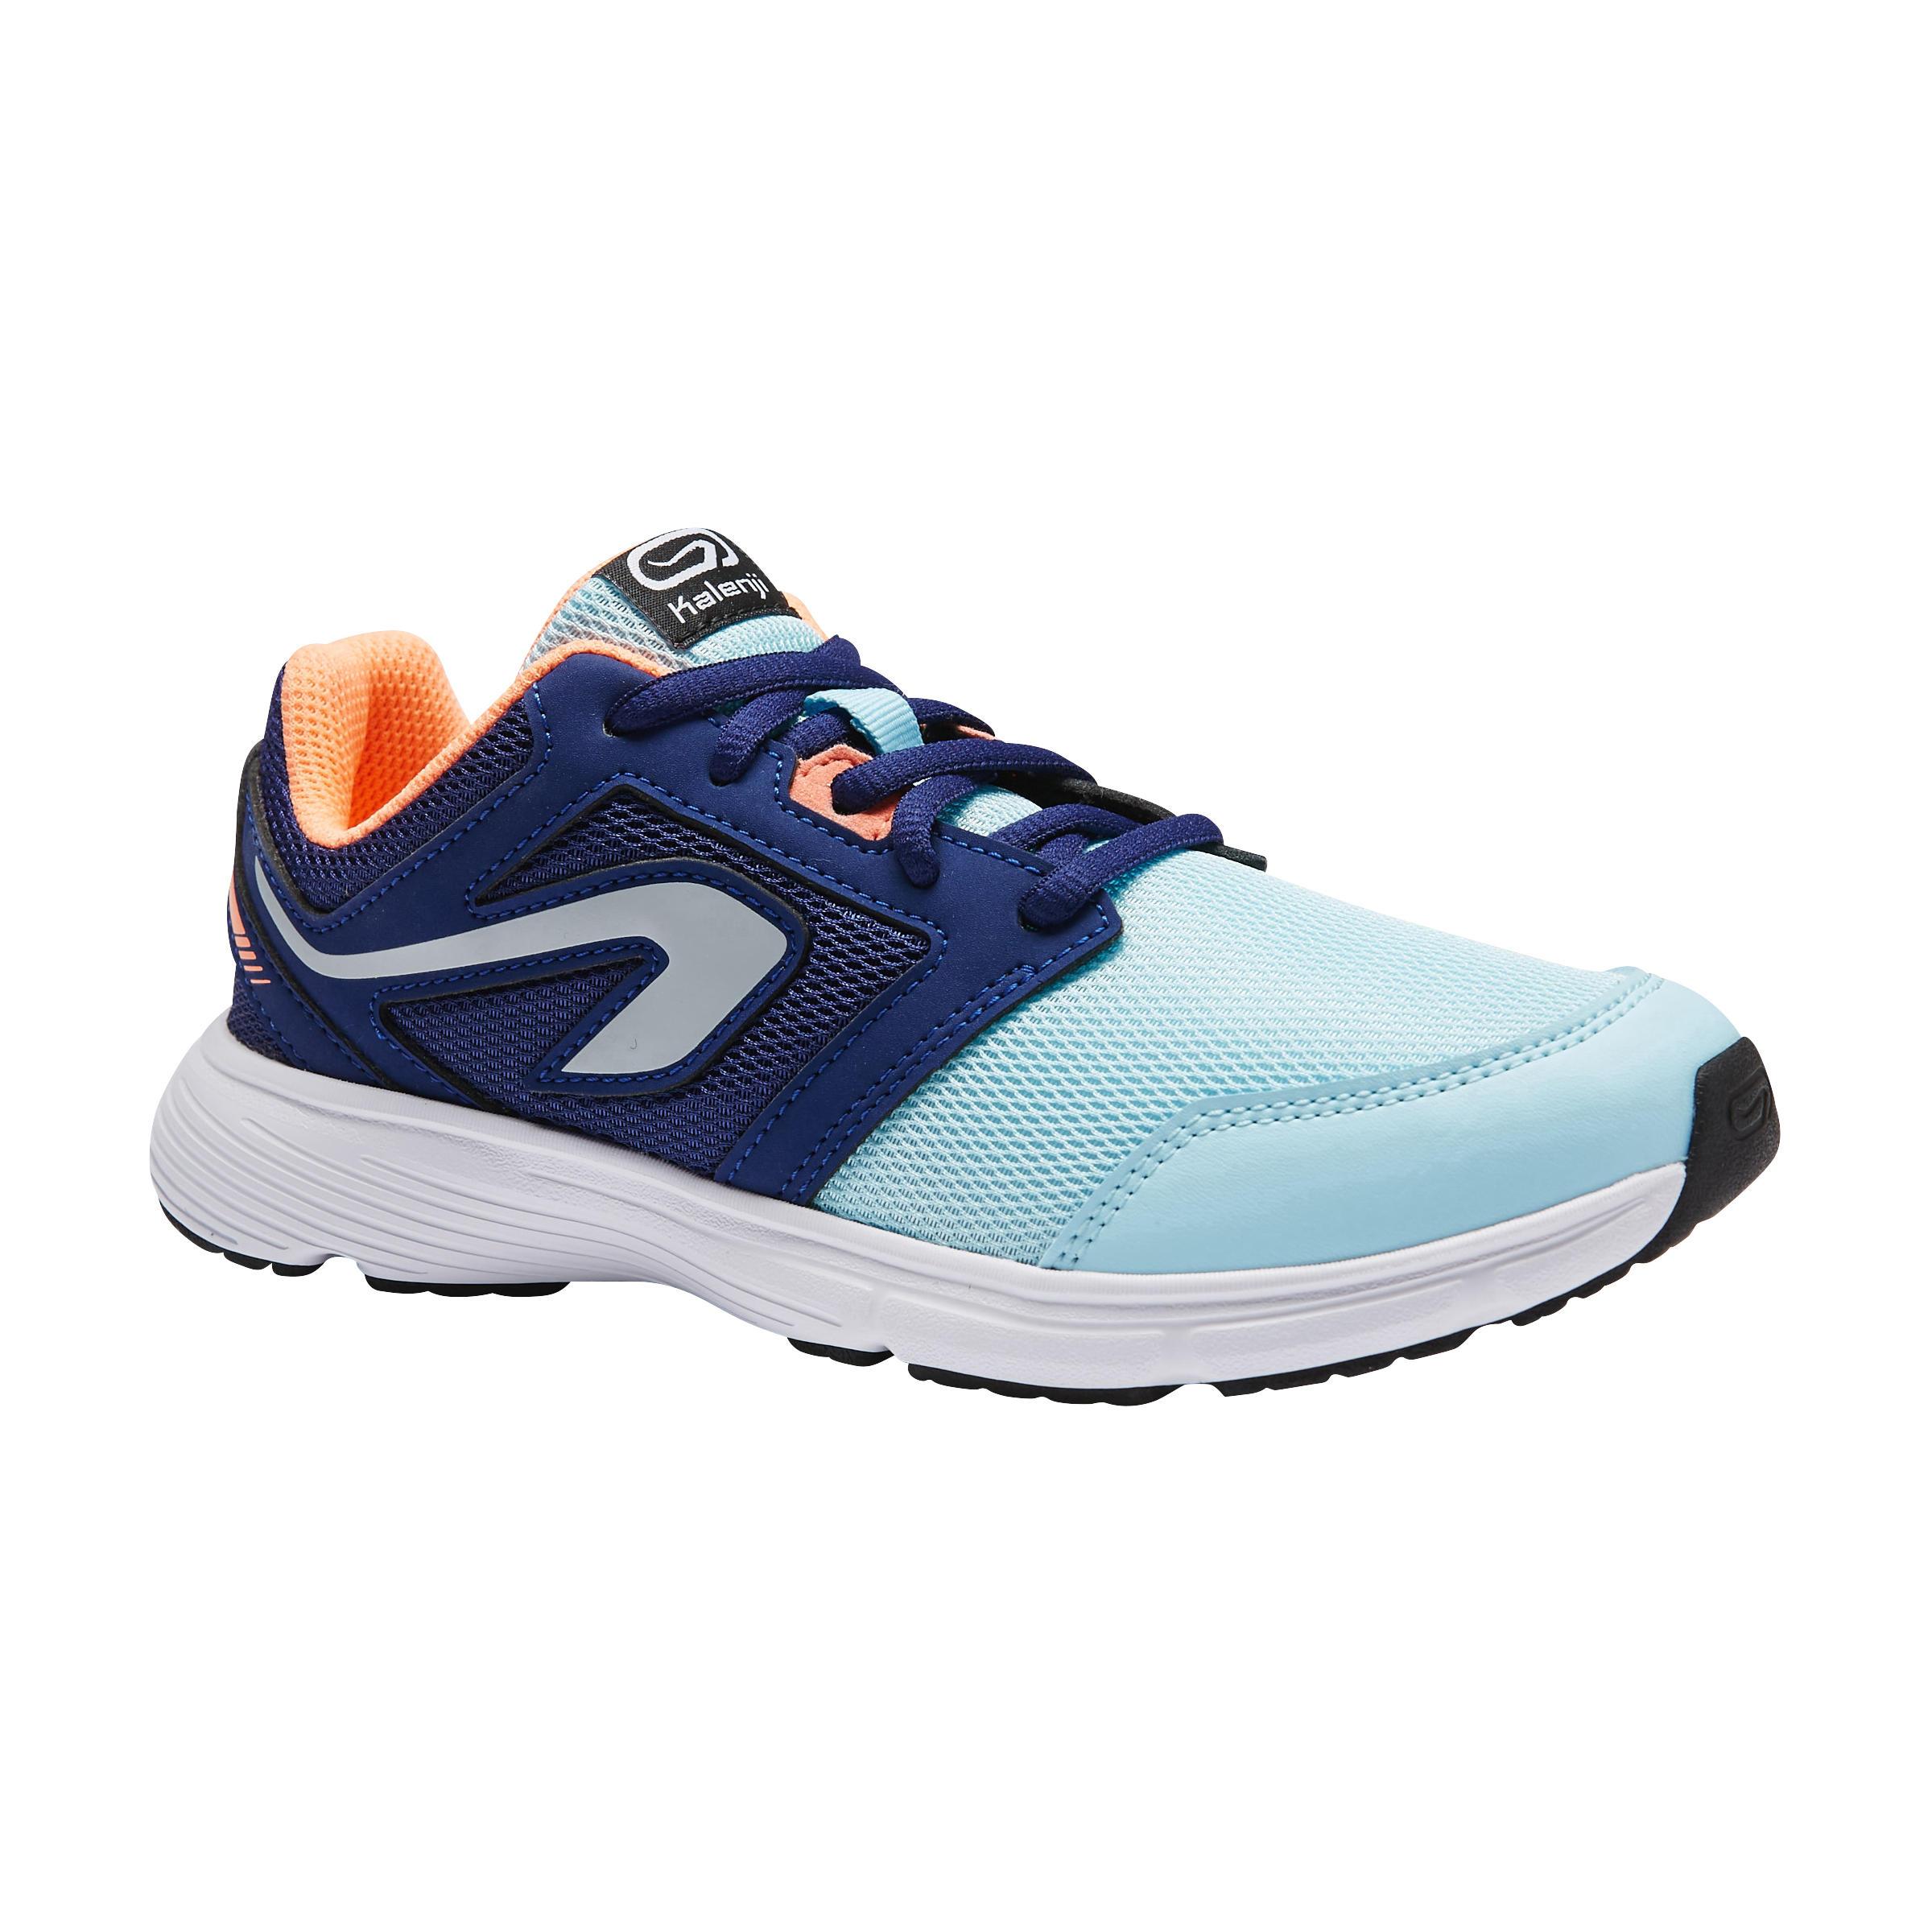 f61372bdddb Comprar Zapatillas de Running para Niños Online   Decathlon